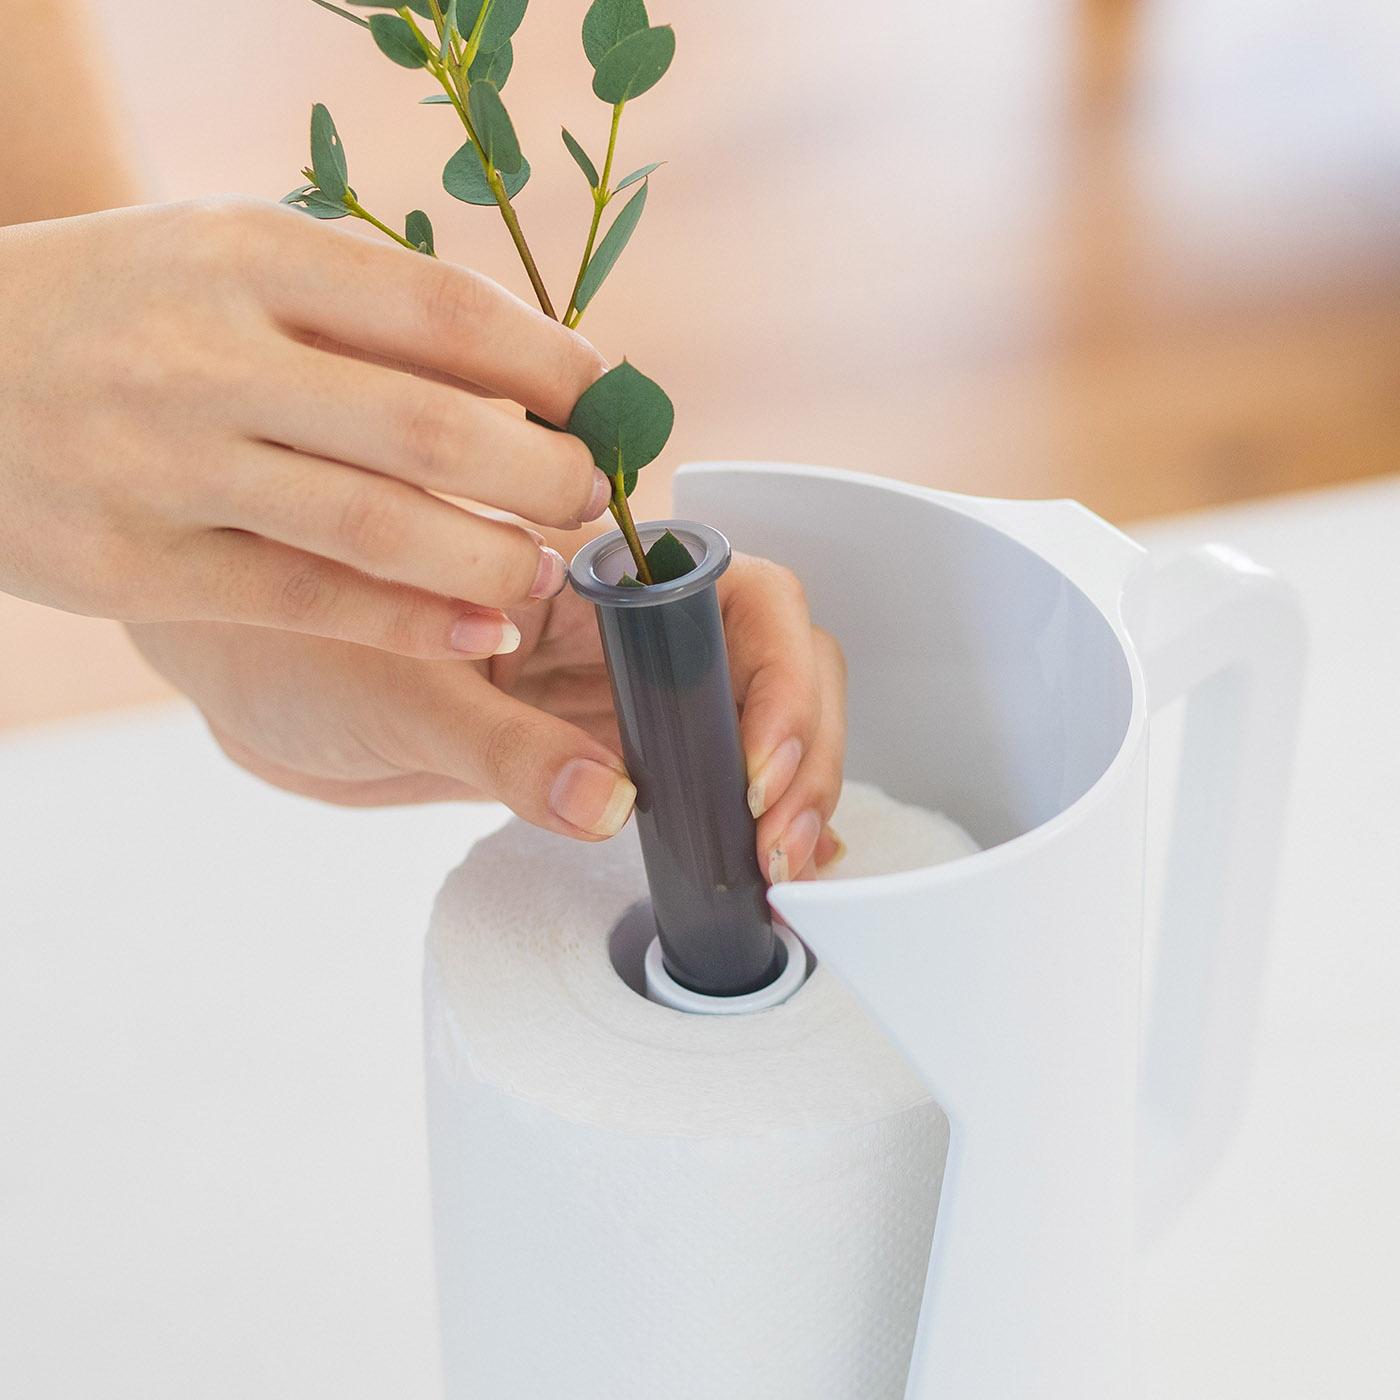 生花も造花もOKなフラワーベース。内蔵のフラワーベースには造花はもちろん、水を入れて生花を飾っても。